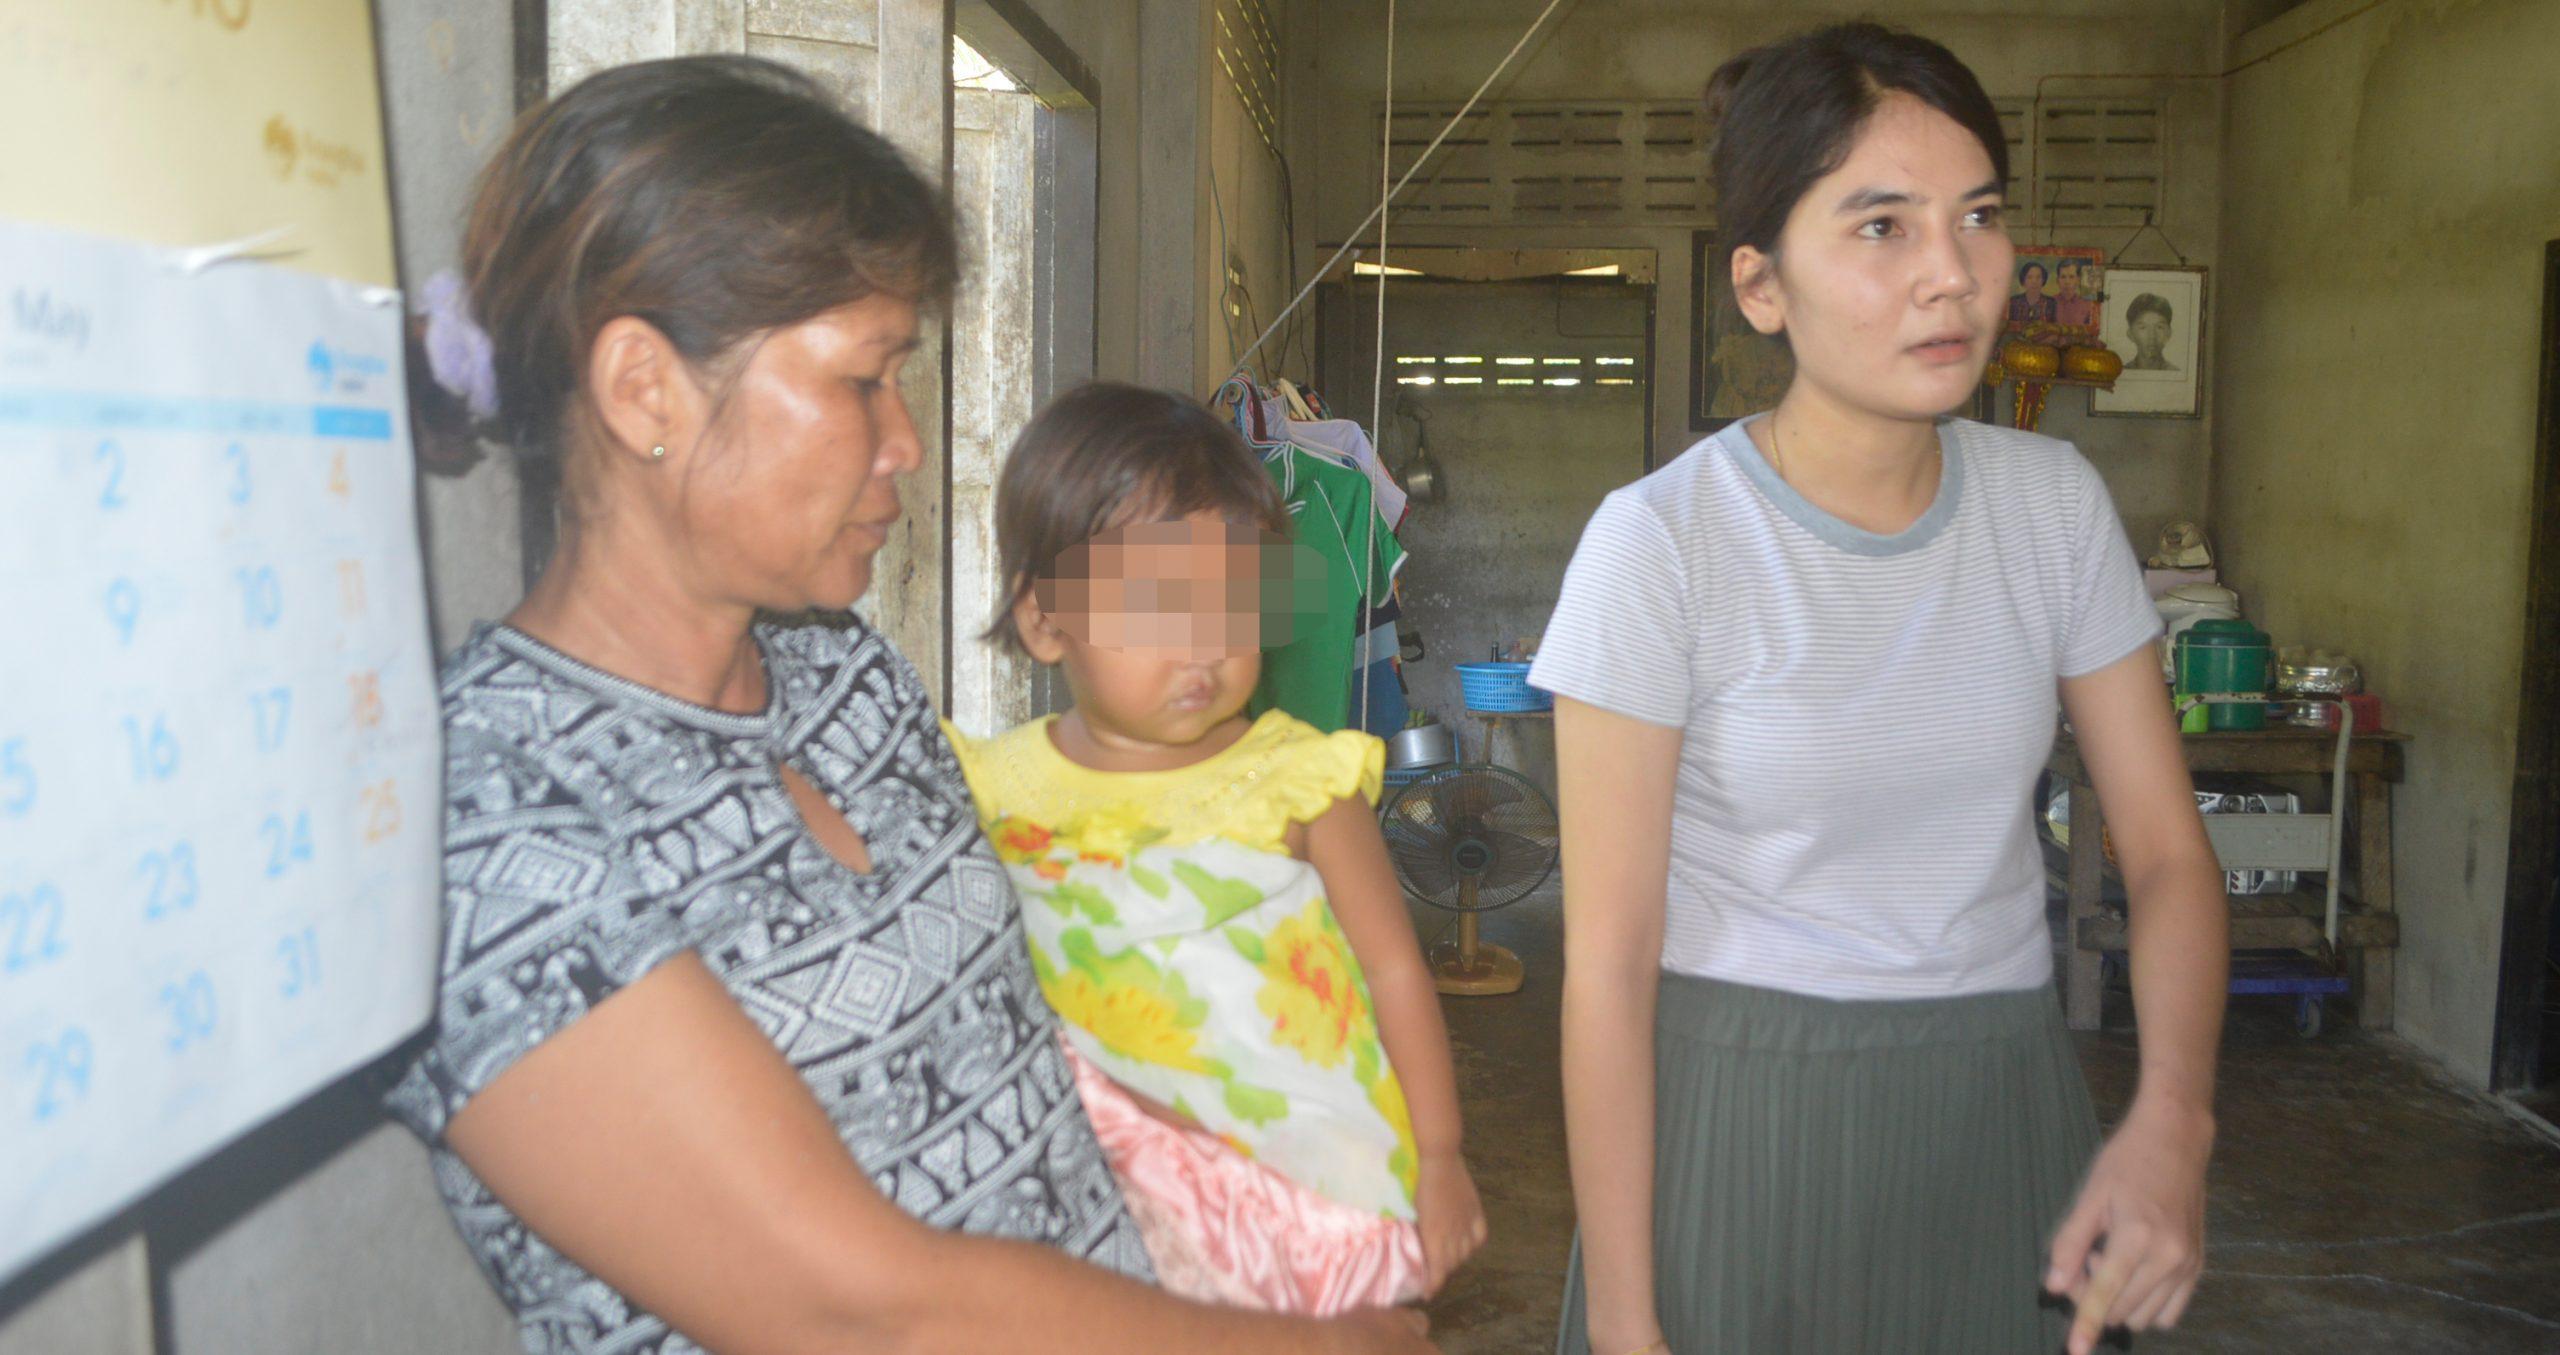 ธารน้ำใจแห่ช่วย 3 พี่น้อง ถูกแม่ทิ้ง ที่เมืองคอนฯ